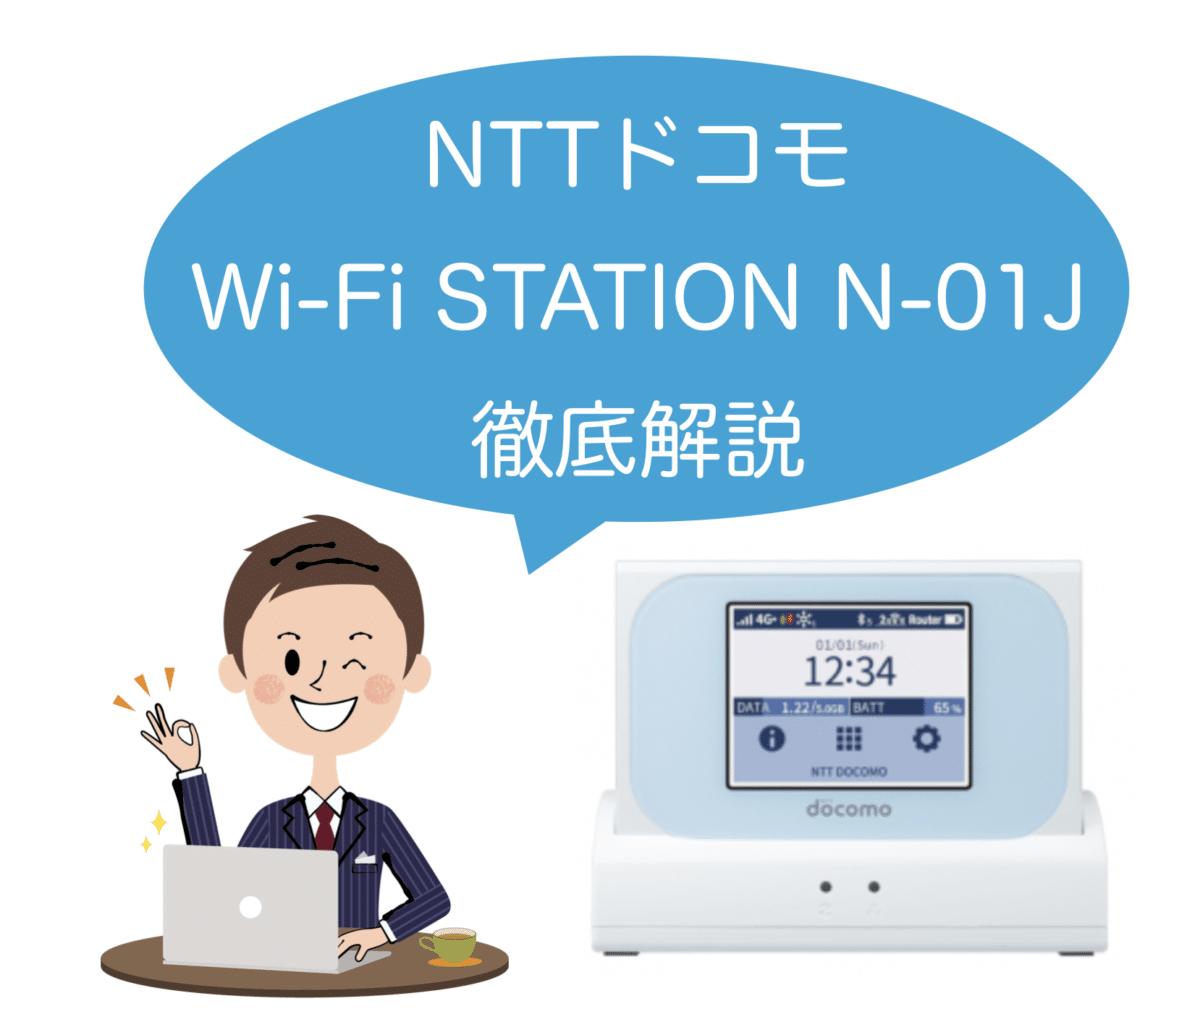 ドコモ Wi-Fi STATION N-01Jを徹底解説!料金は?通信制限はある?